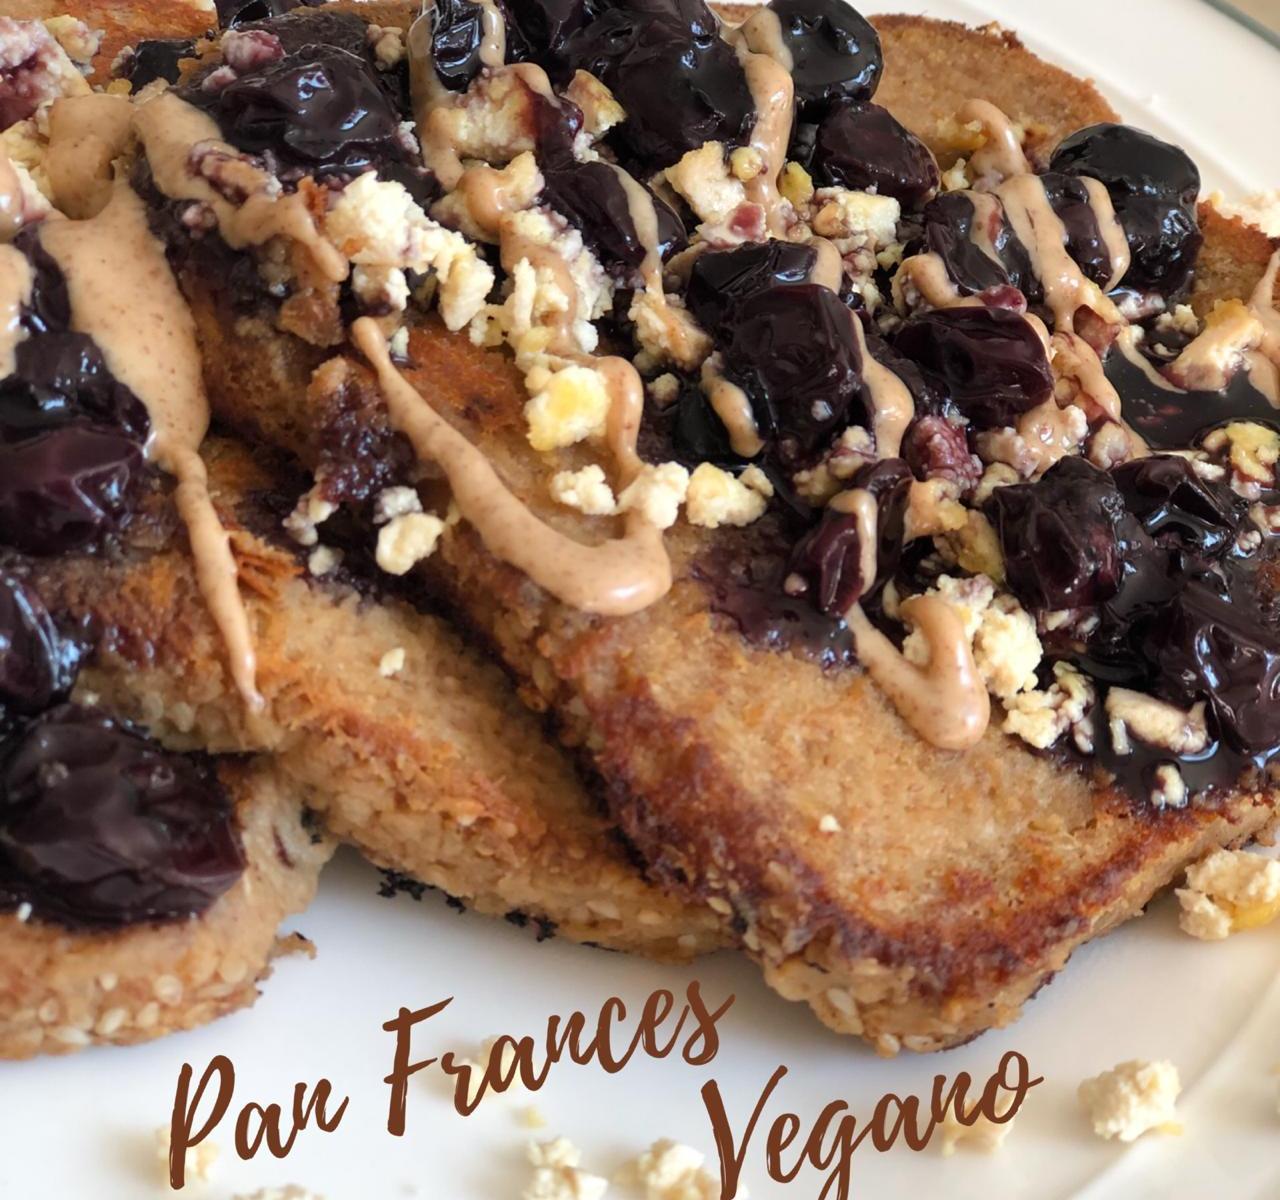 Pan frances vegano